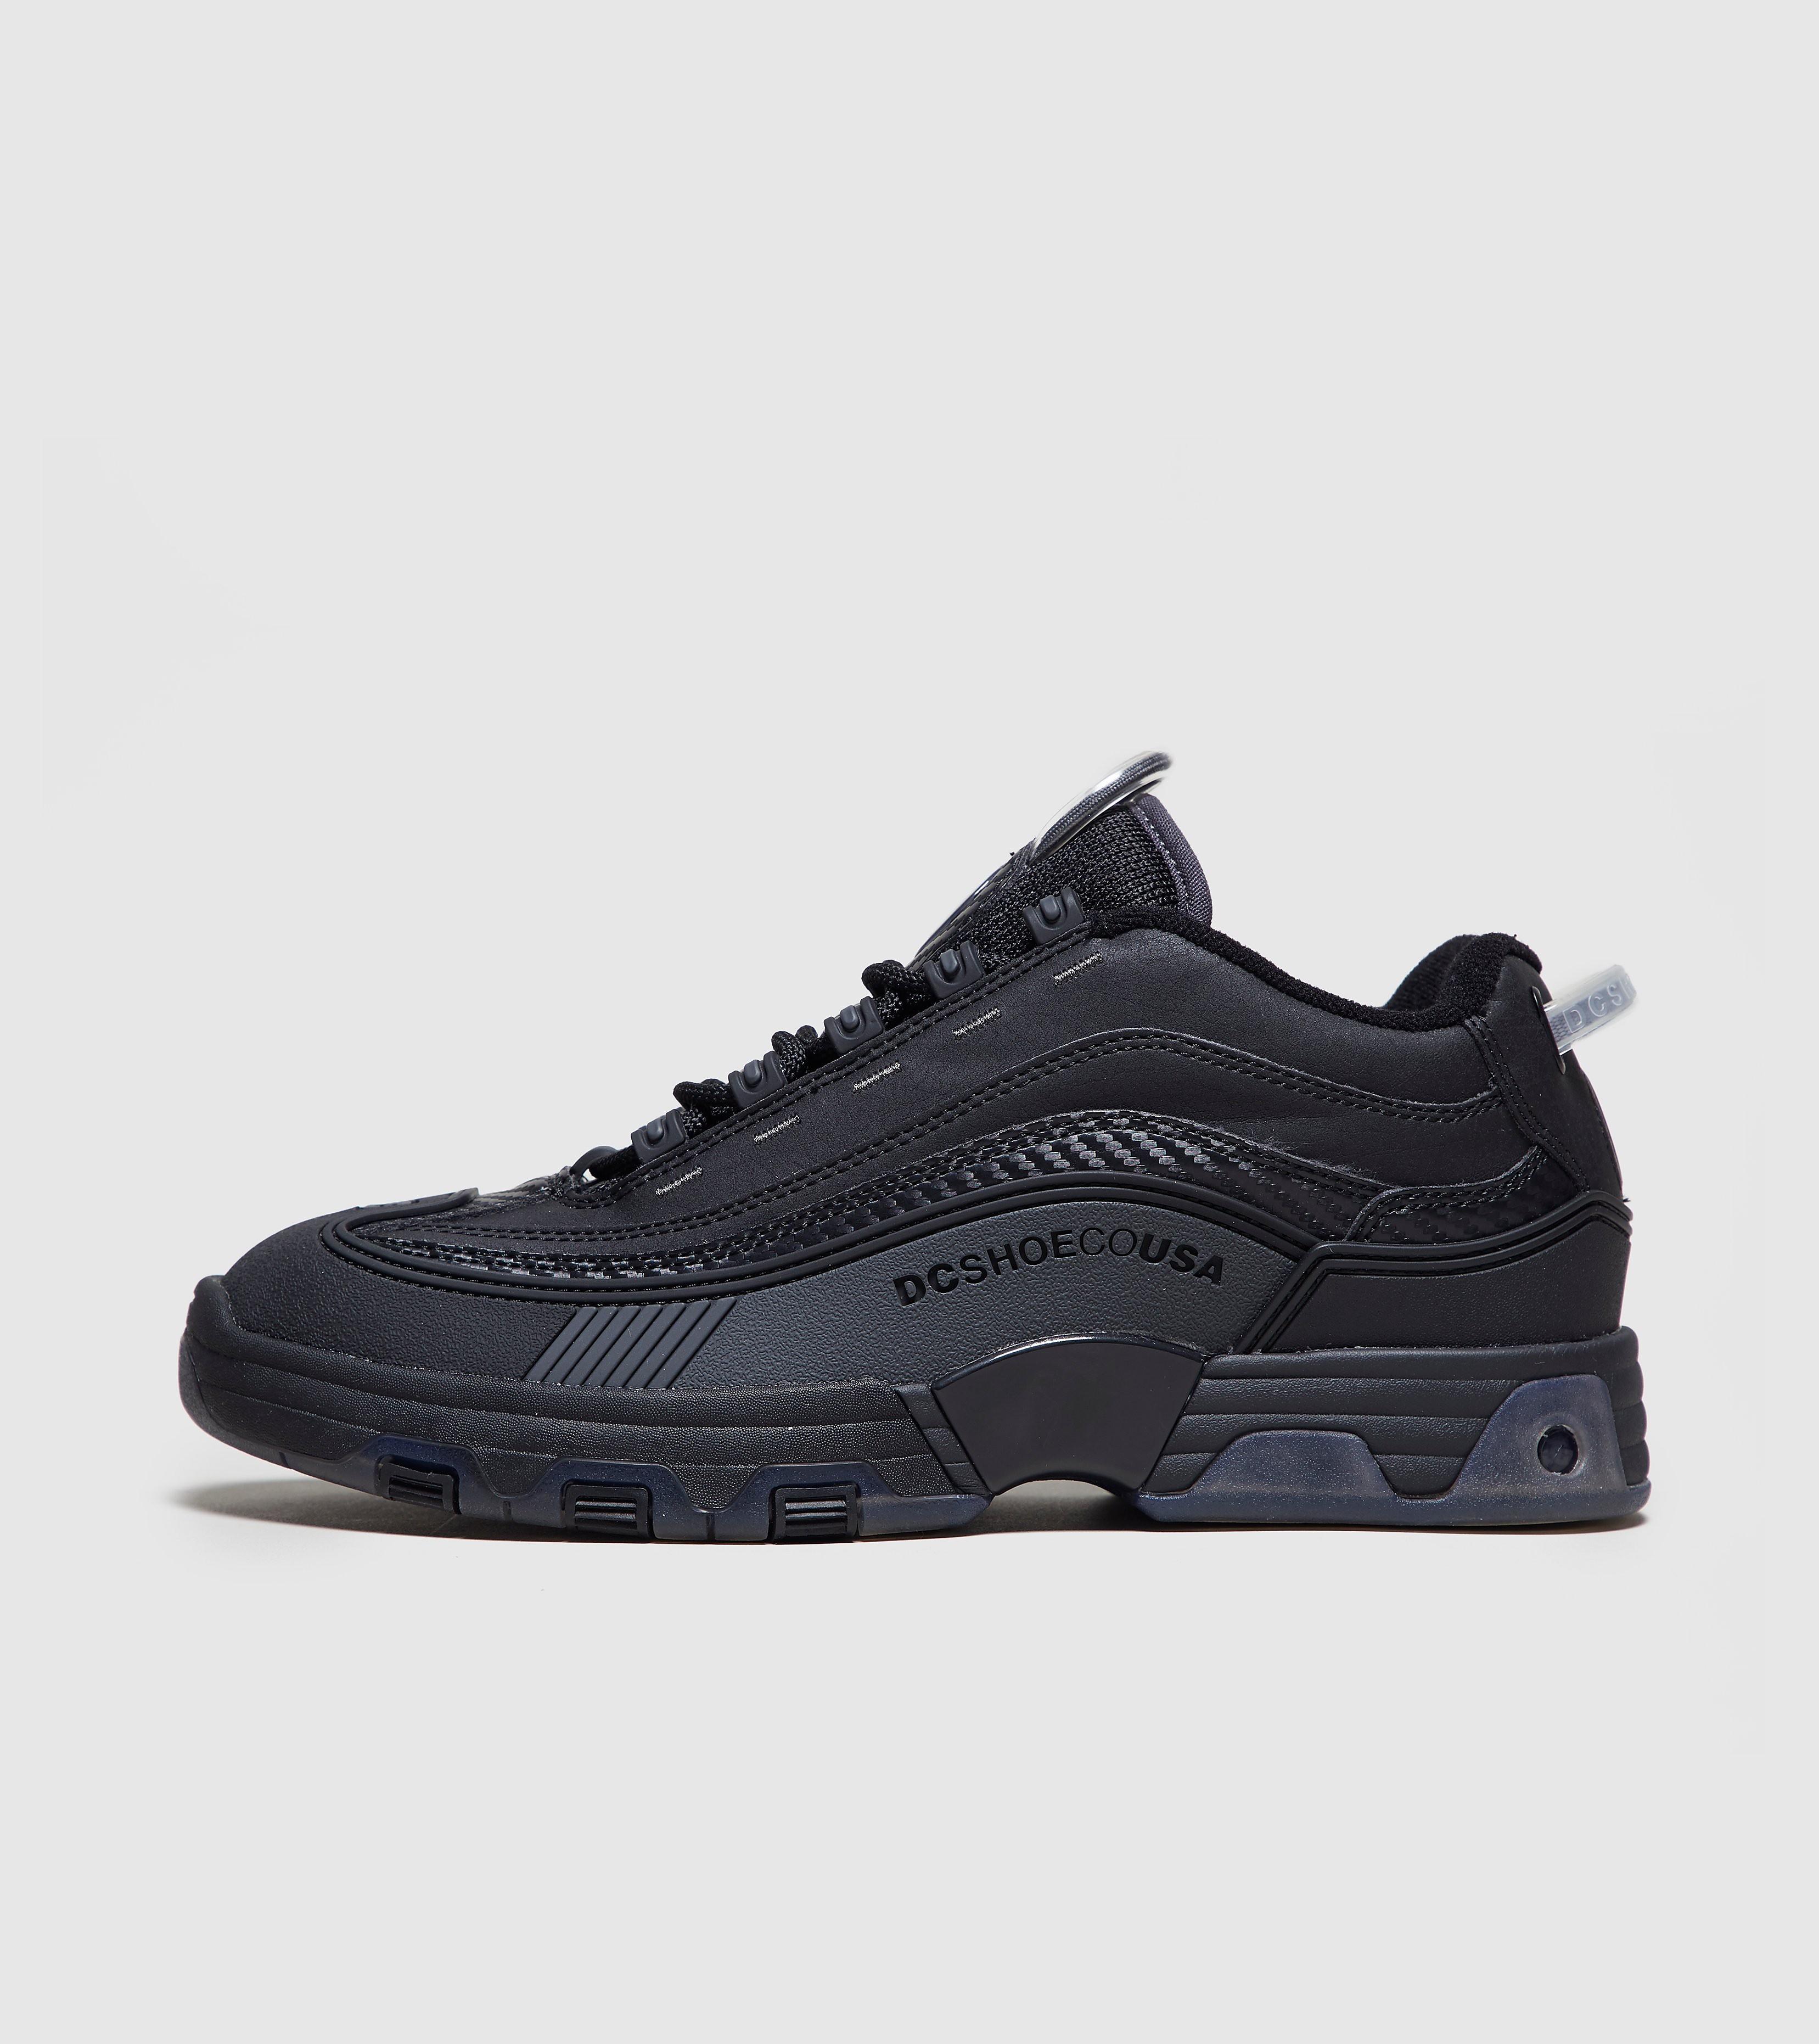 DC Shoes Legacy OG